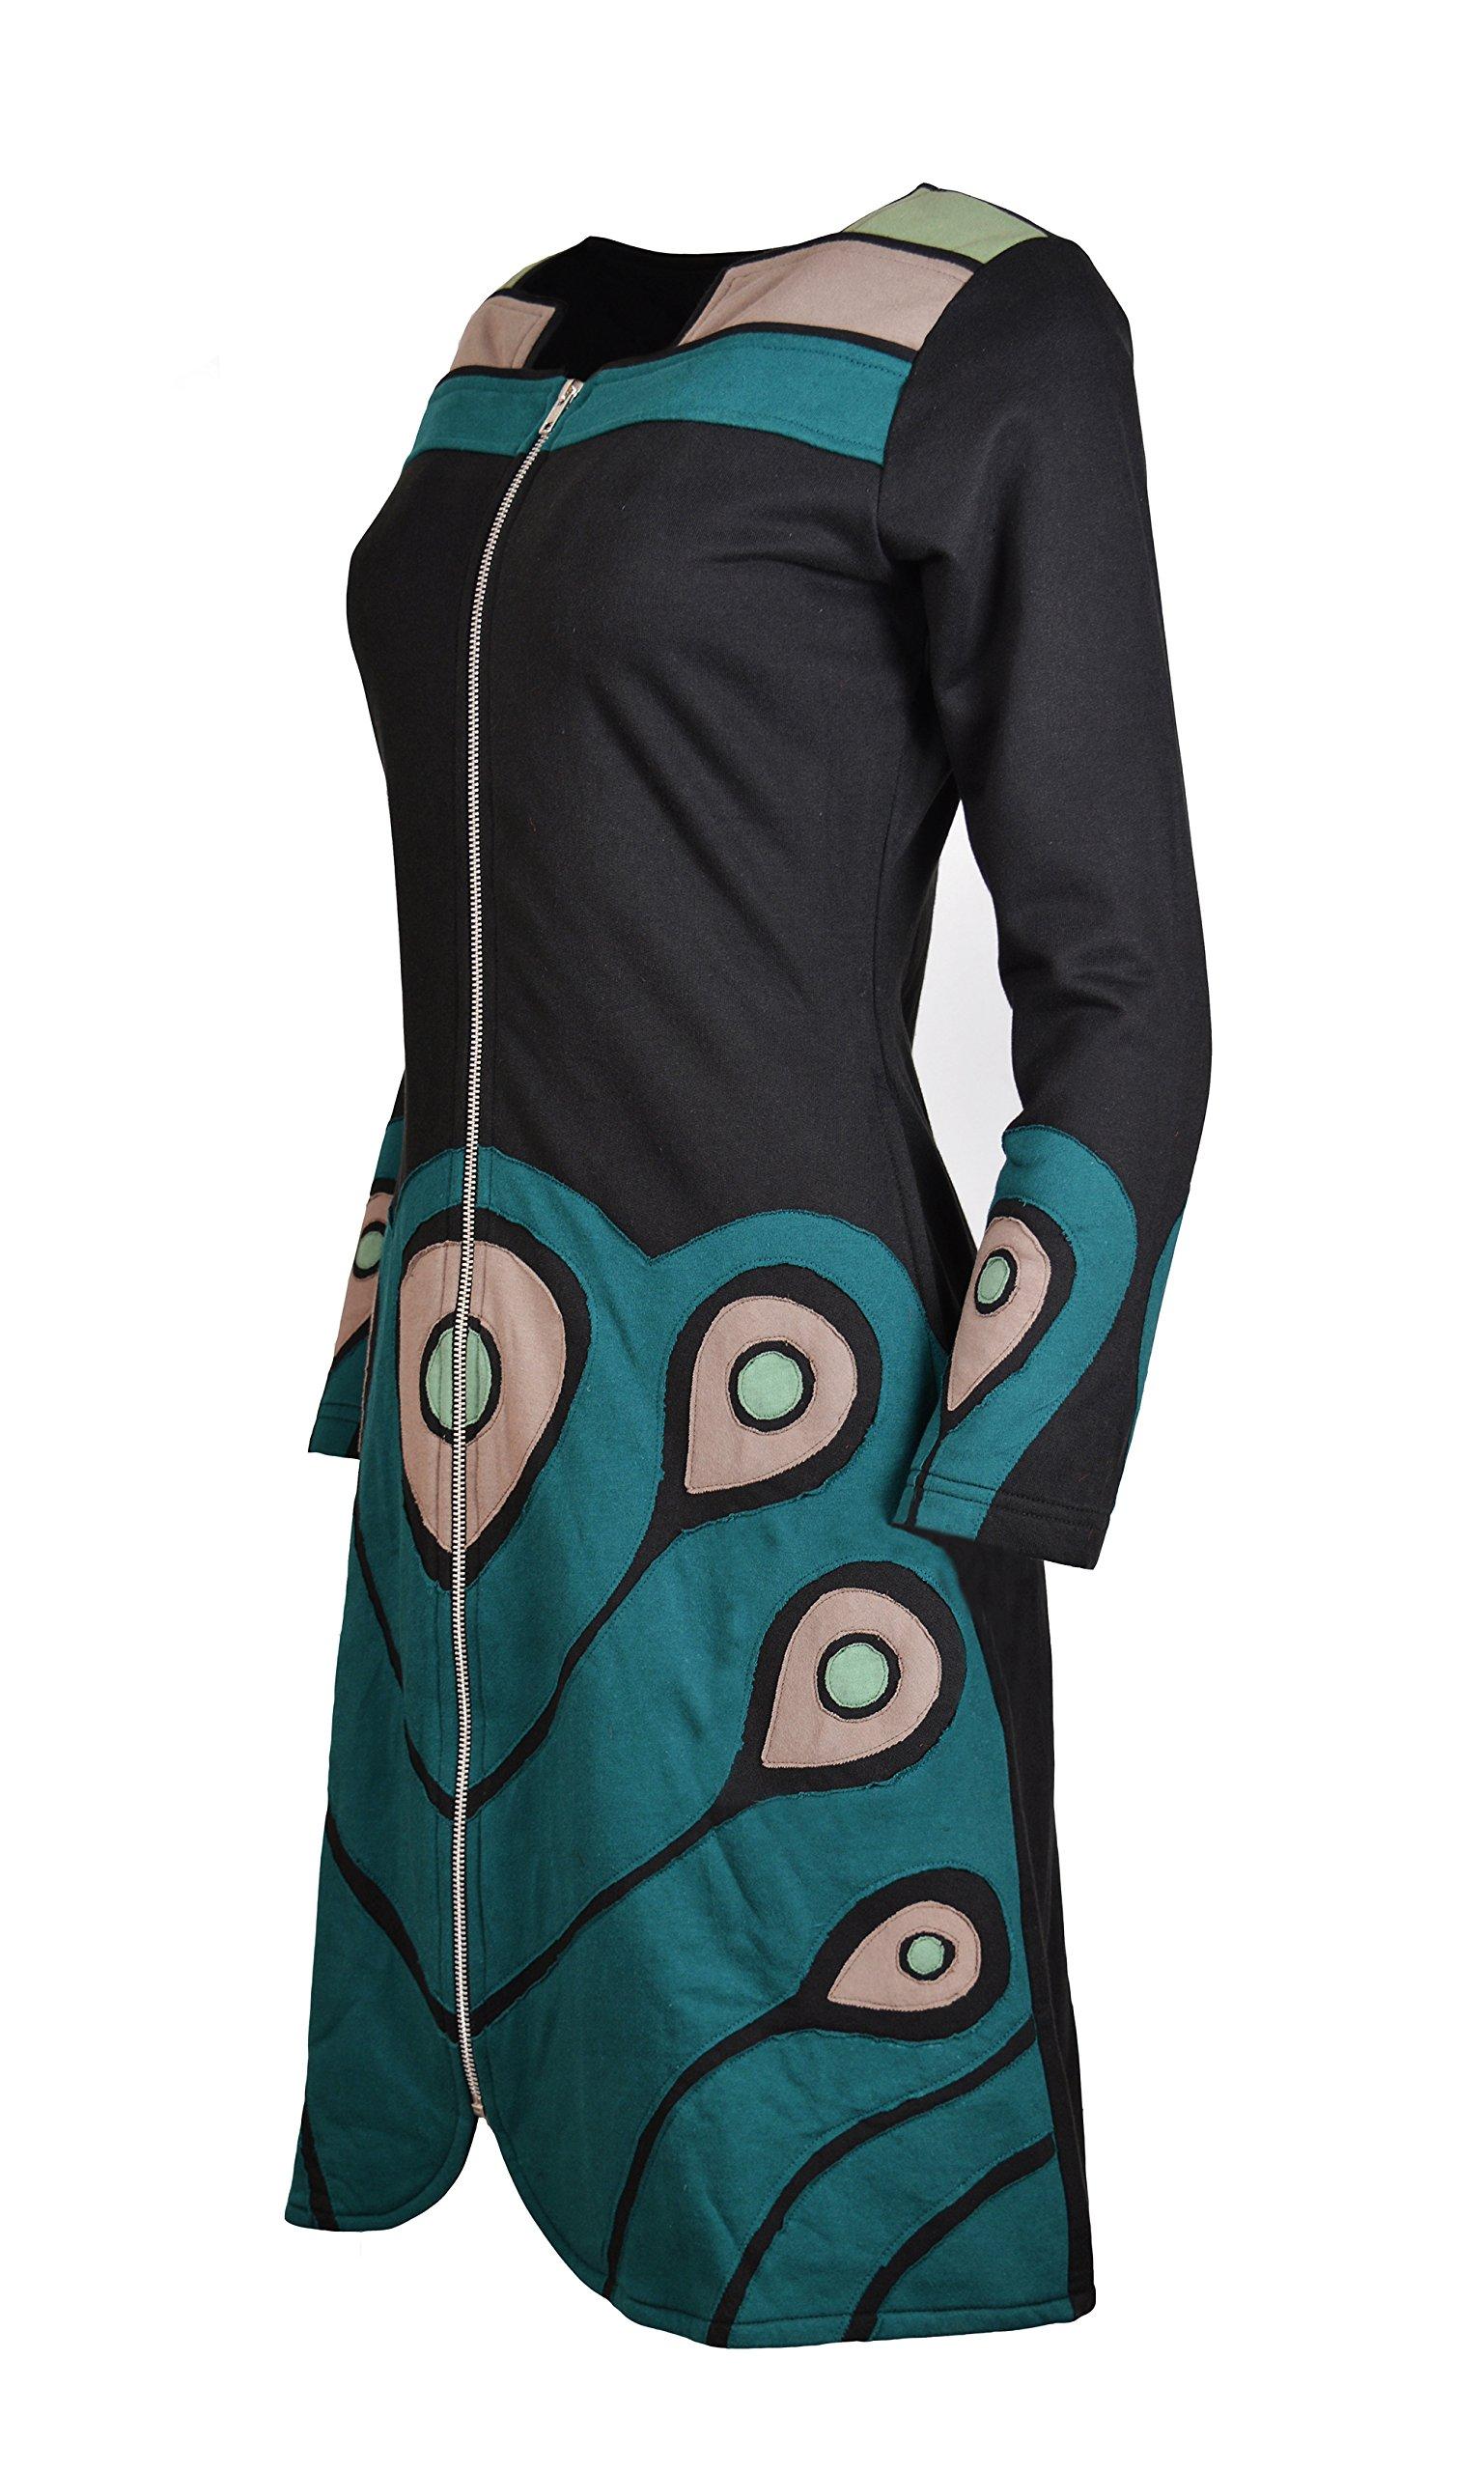 TATTOPANI Femmes Délavé Coton Cardigan Avec Coloré Peint à La Main Design!